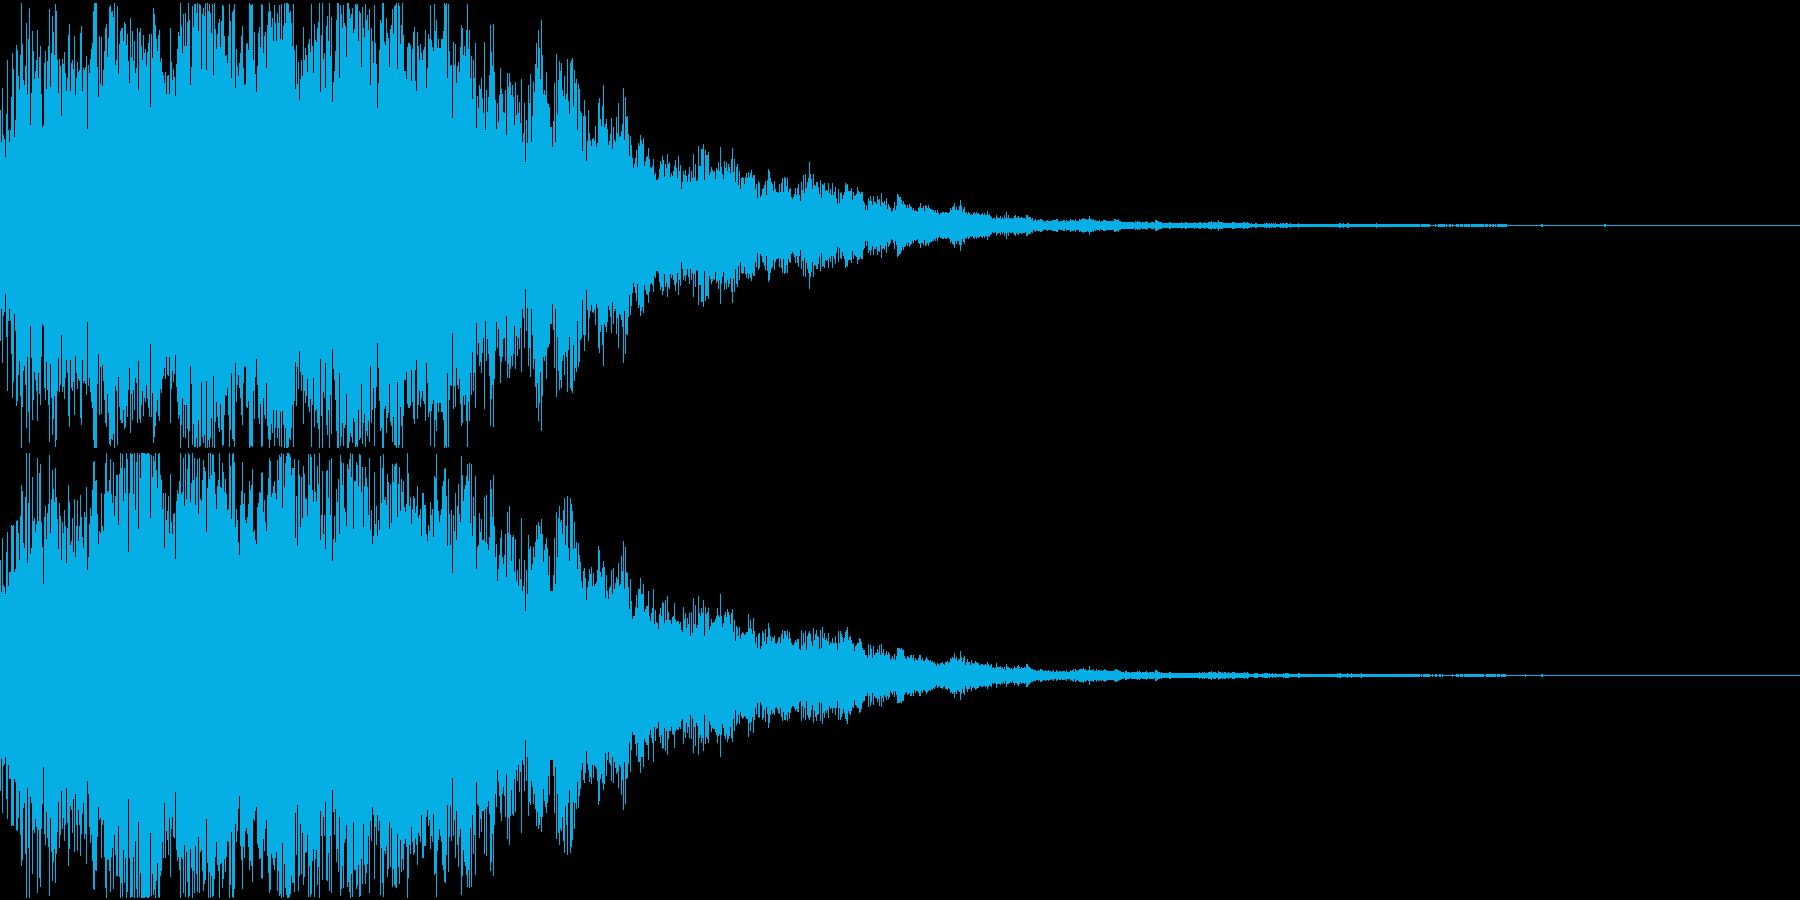 サウンドロゴ01(電子音)の再生済みの波形